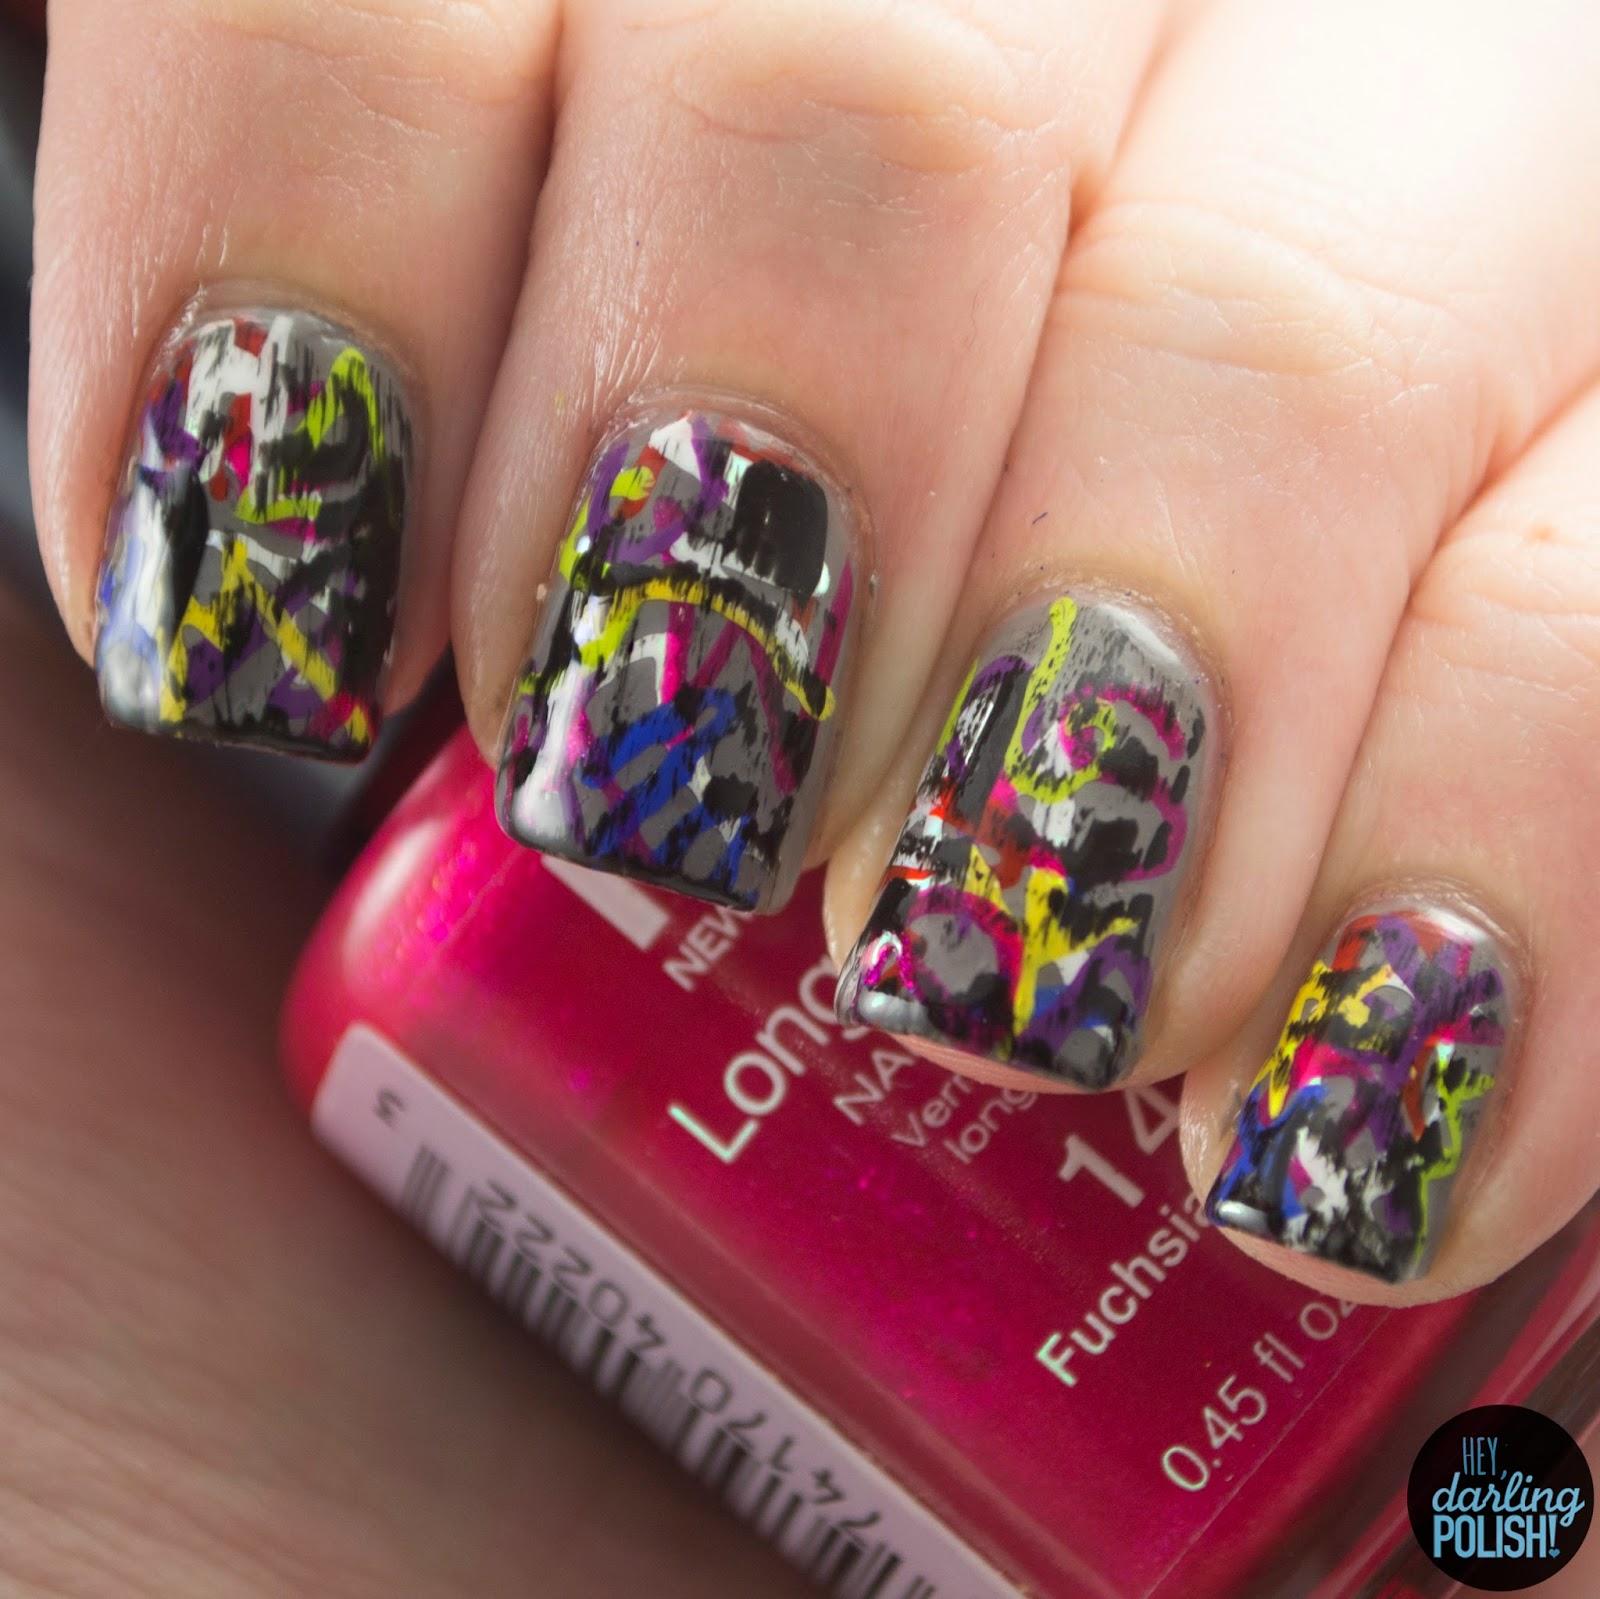 nails, nail art, nail polish, polish, graffiti, nail art a go go, hey darling polish, grunge